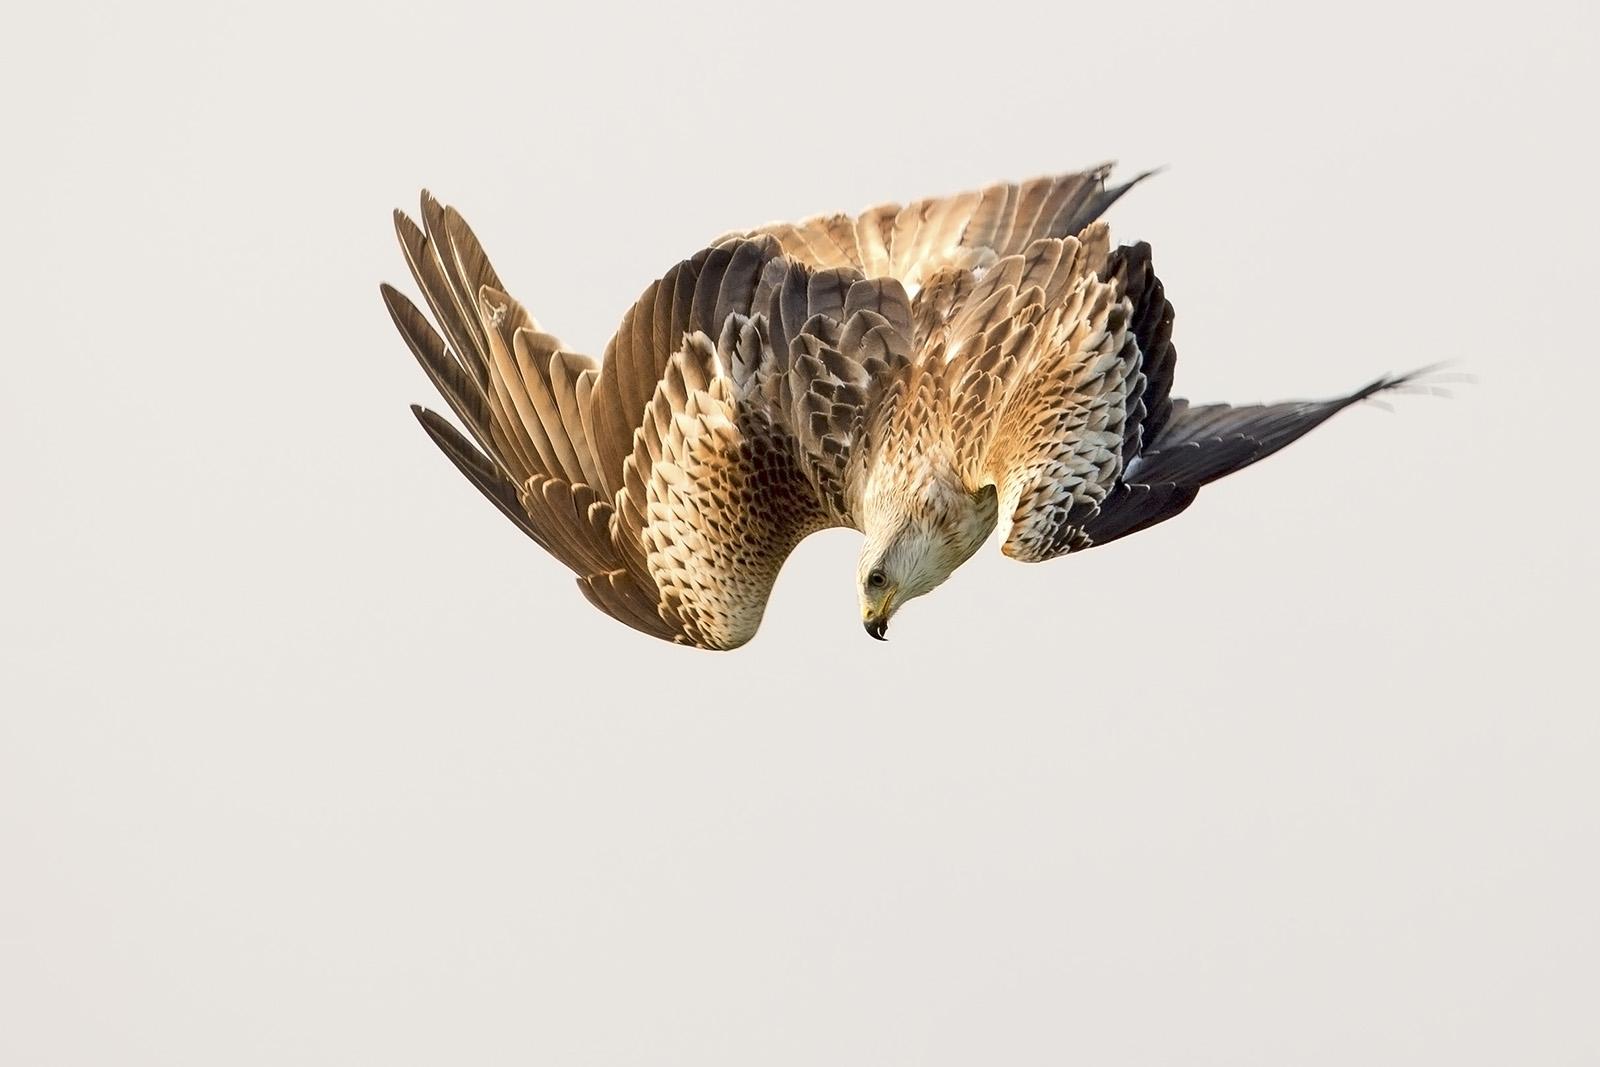 Kite drop